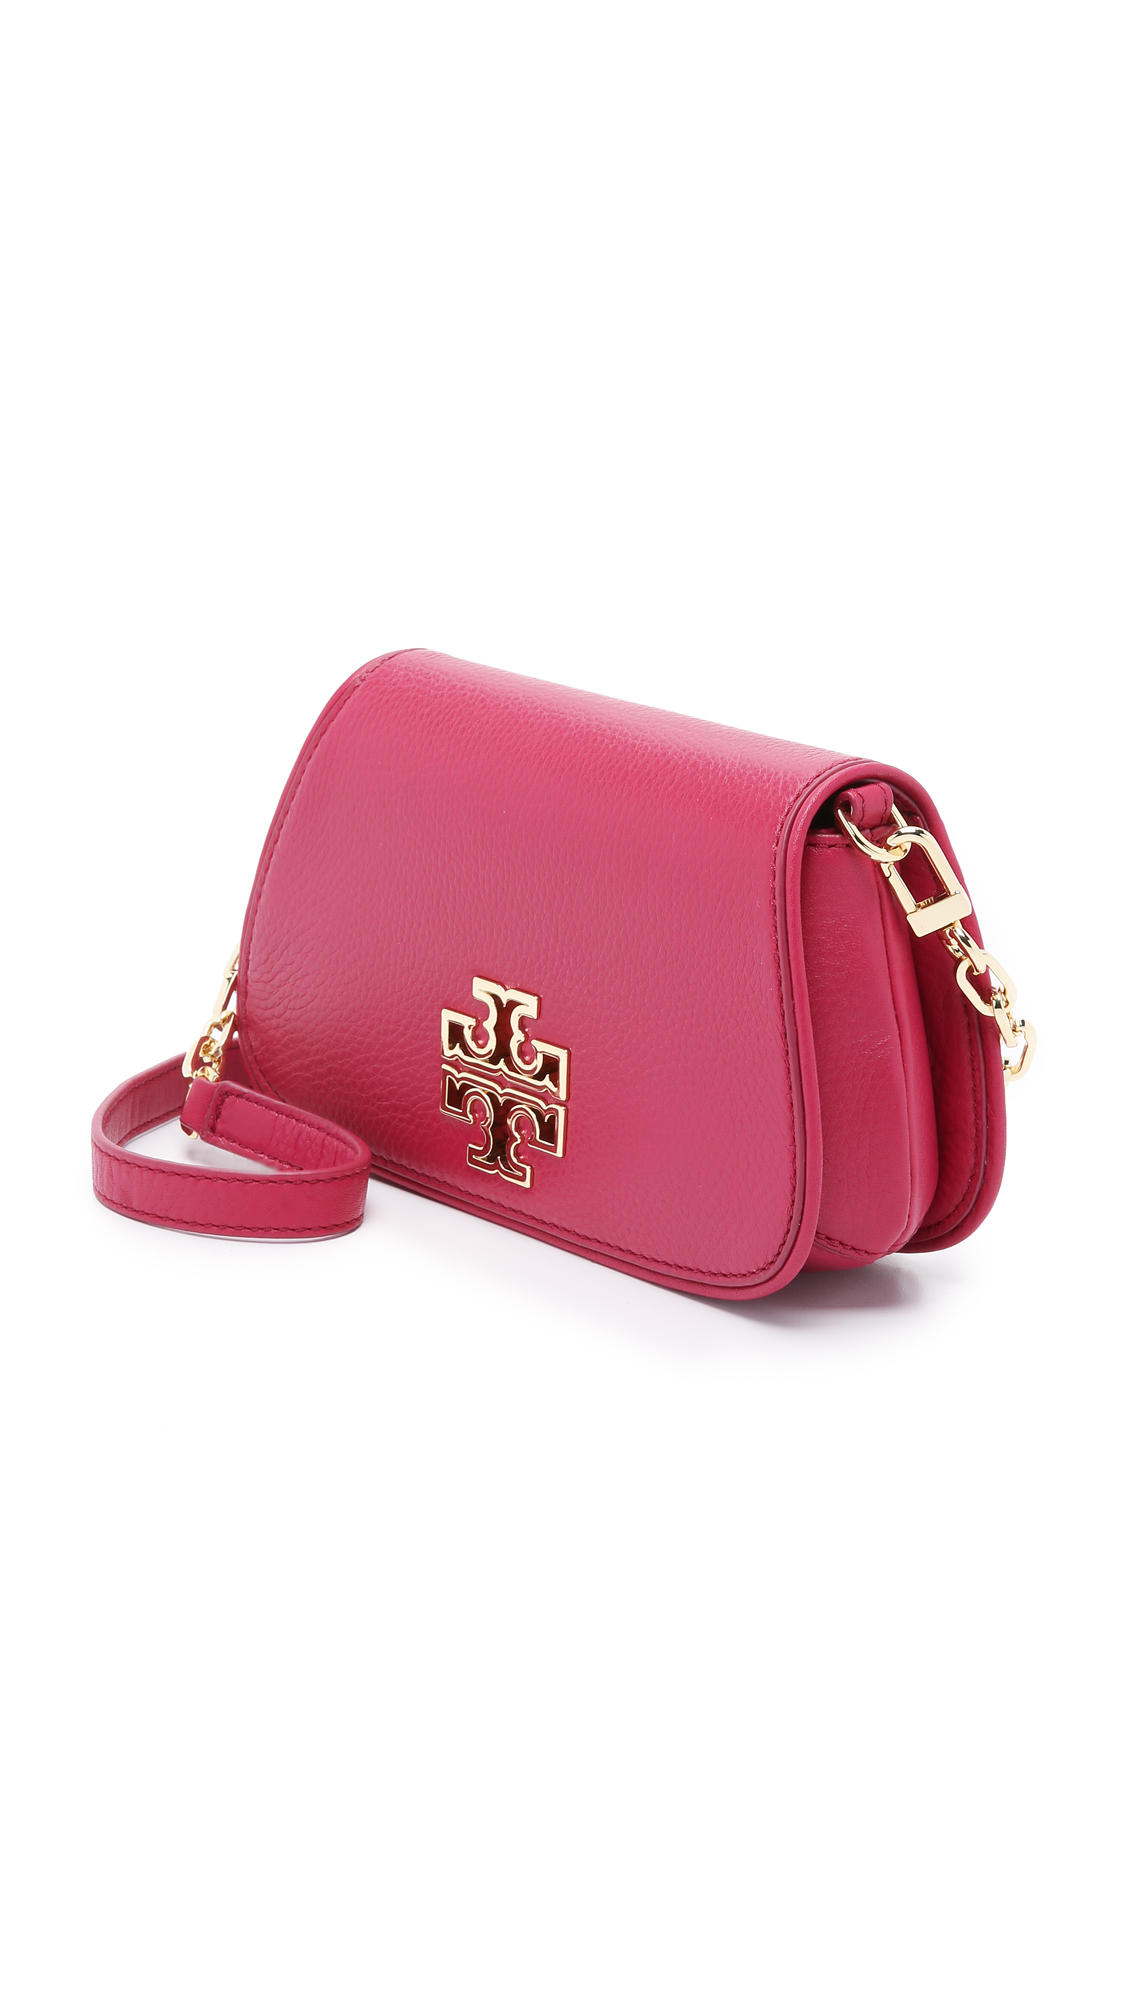 e86a551e933 Tory Burch Pink Britten Mini Cross Body Bag - Raspberry